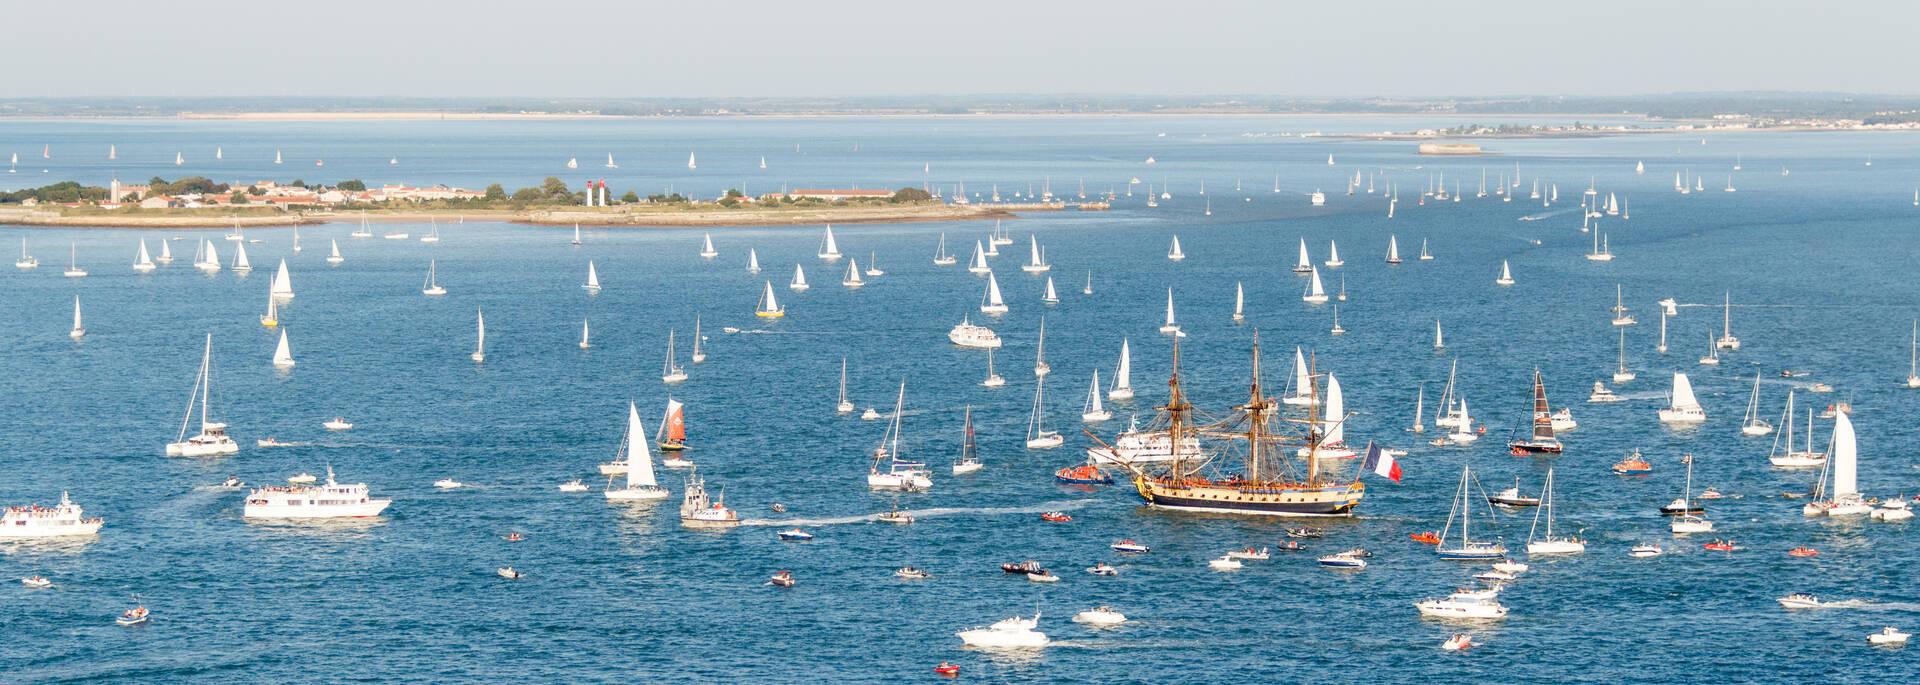 The frigate Hermione offshore Aix Island - © David Compain - Ville de Rochefort